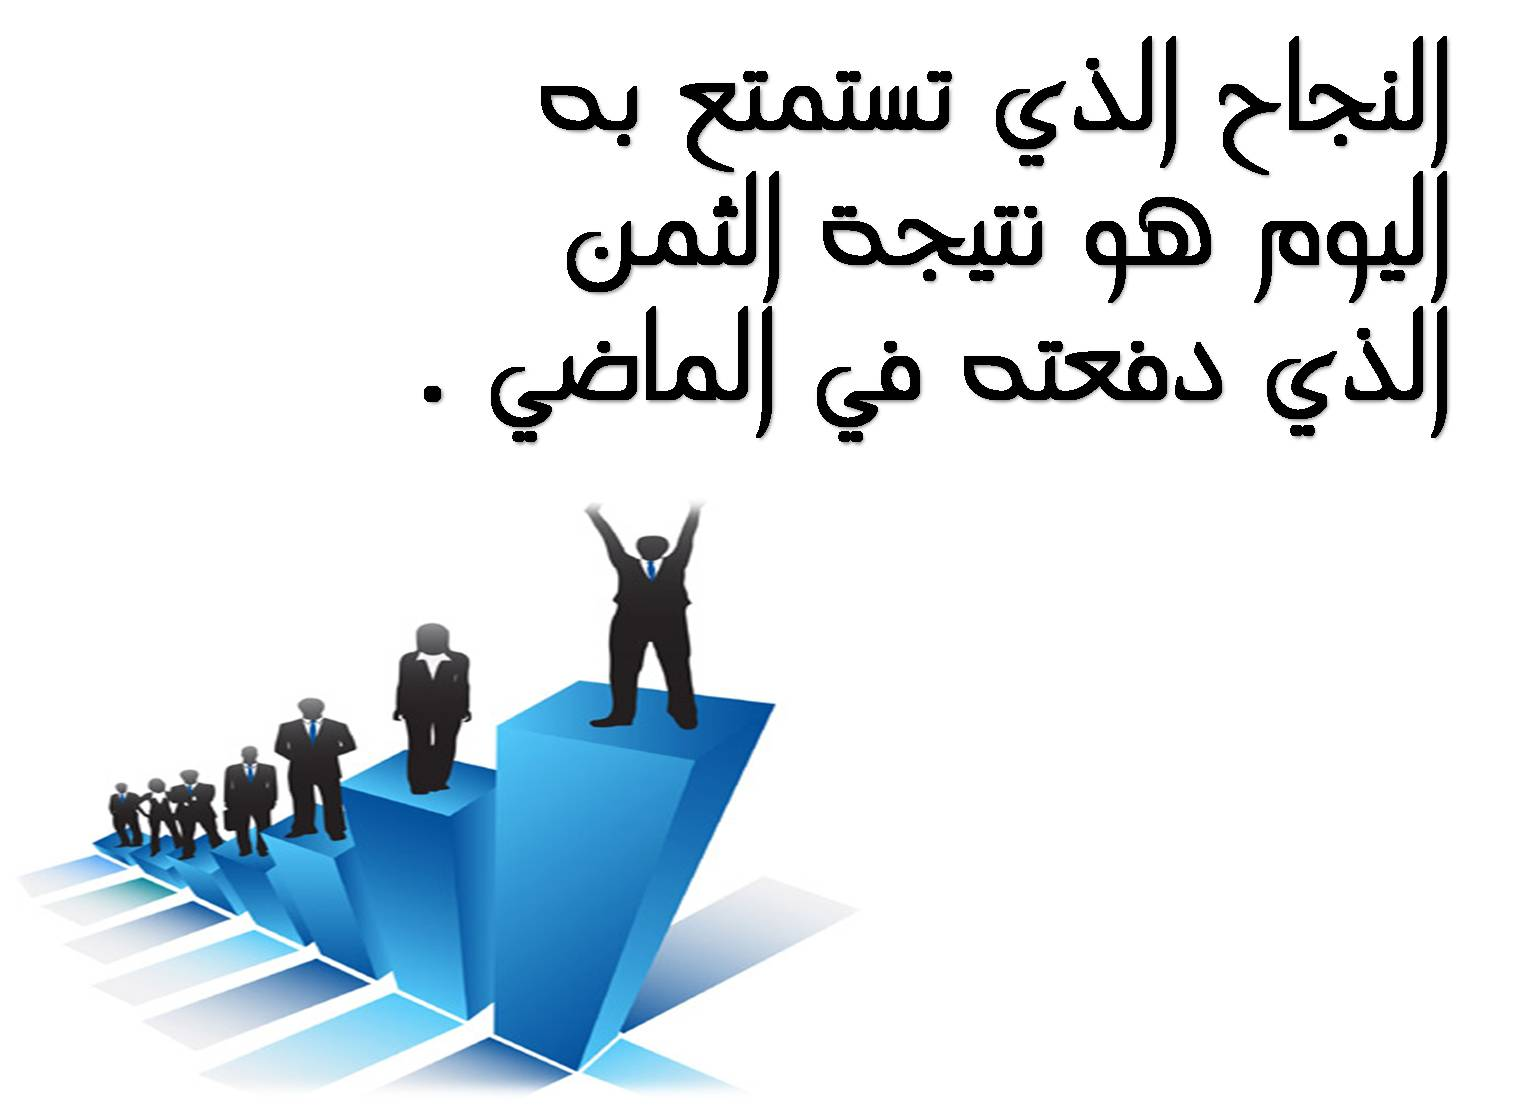 صور حكم عن النجاح والتفوق , اجمل ما قاله الحكماء عن النجاح